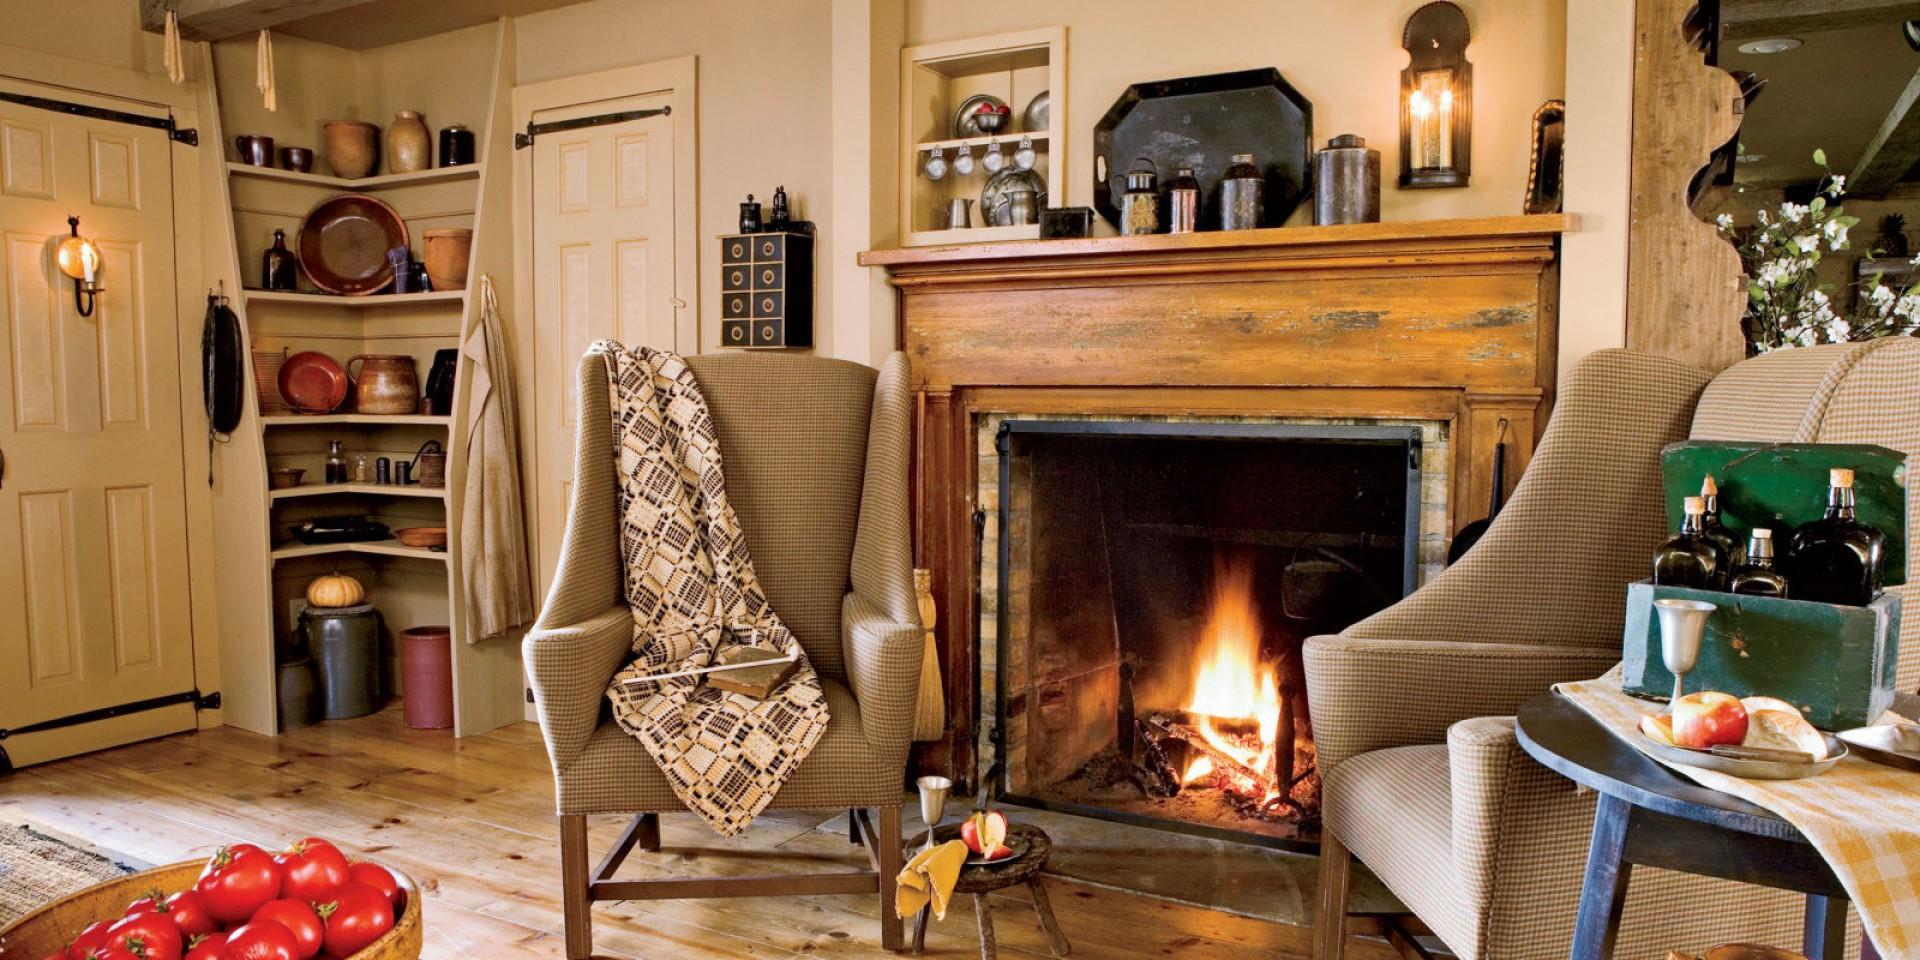 Деревенский стиль воплощает в себе уют, комфорт и спокойствие